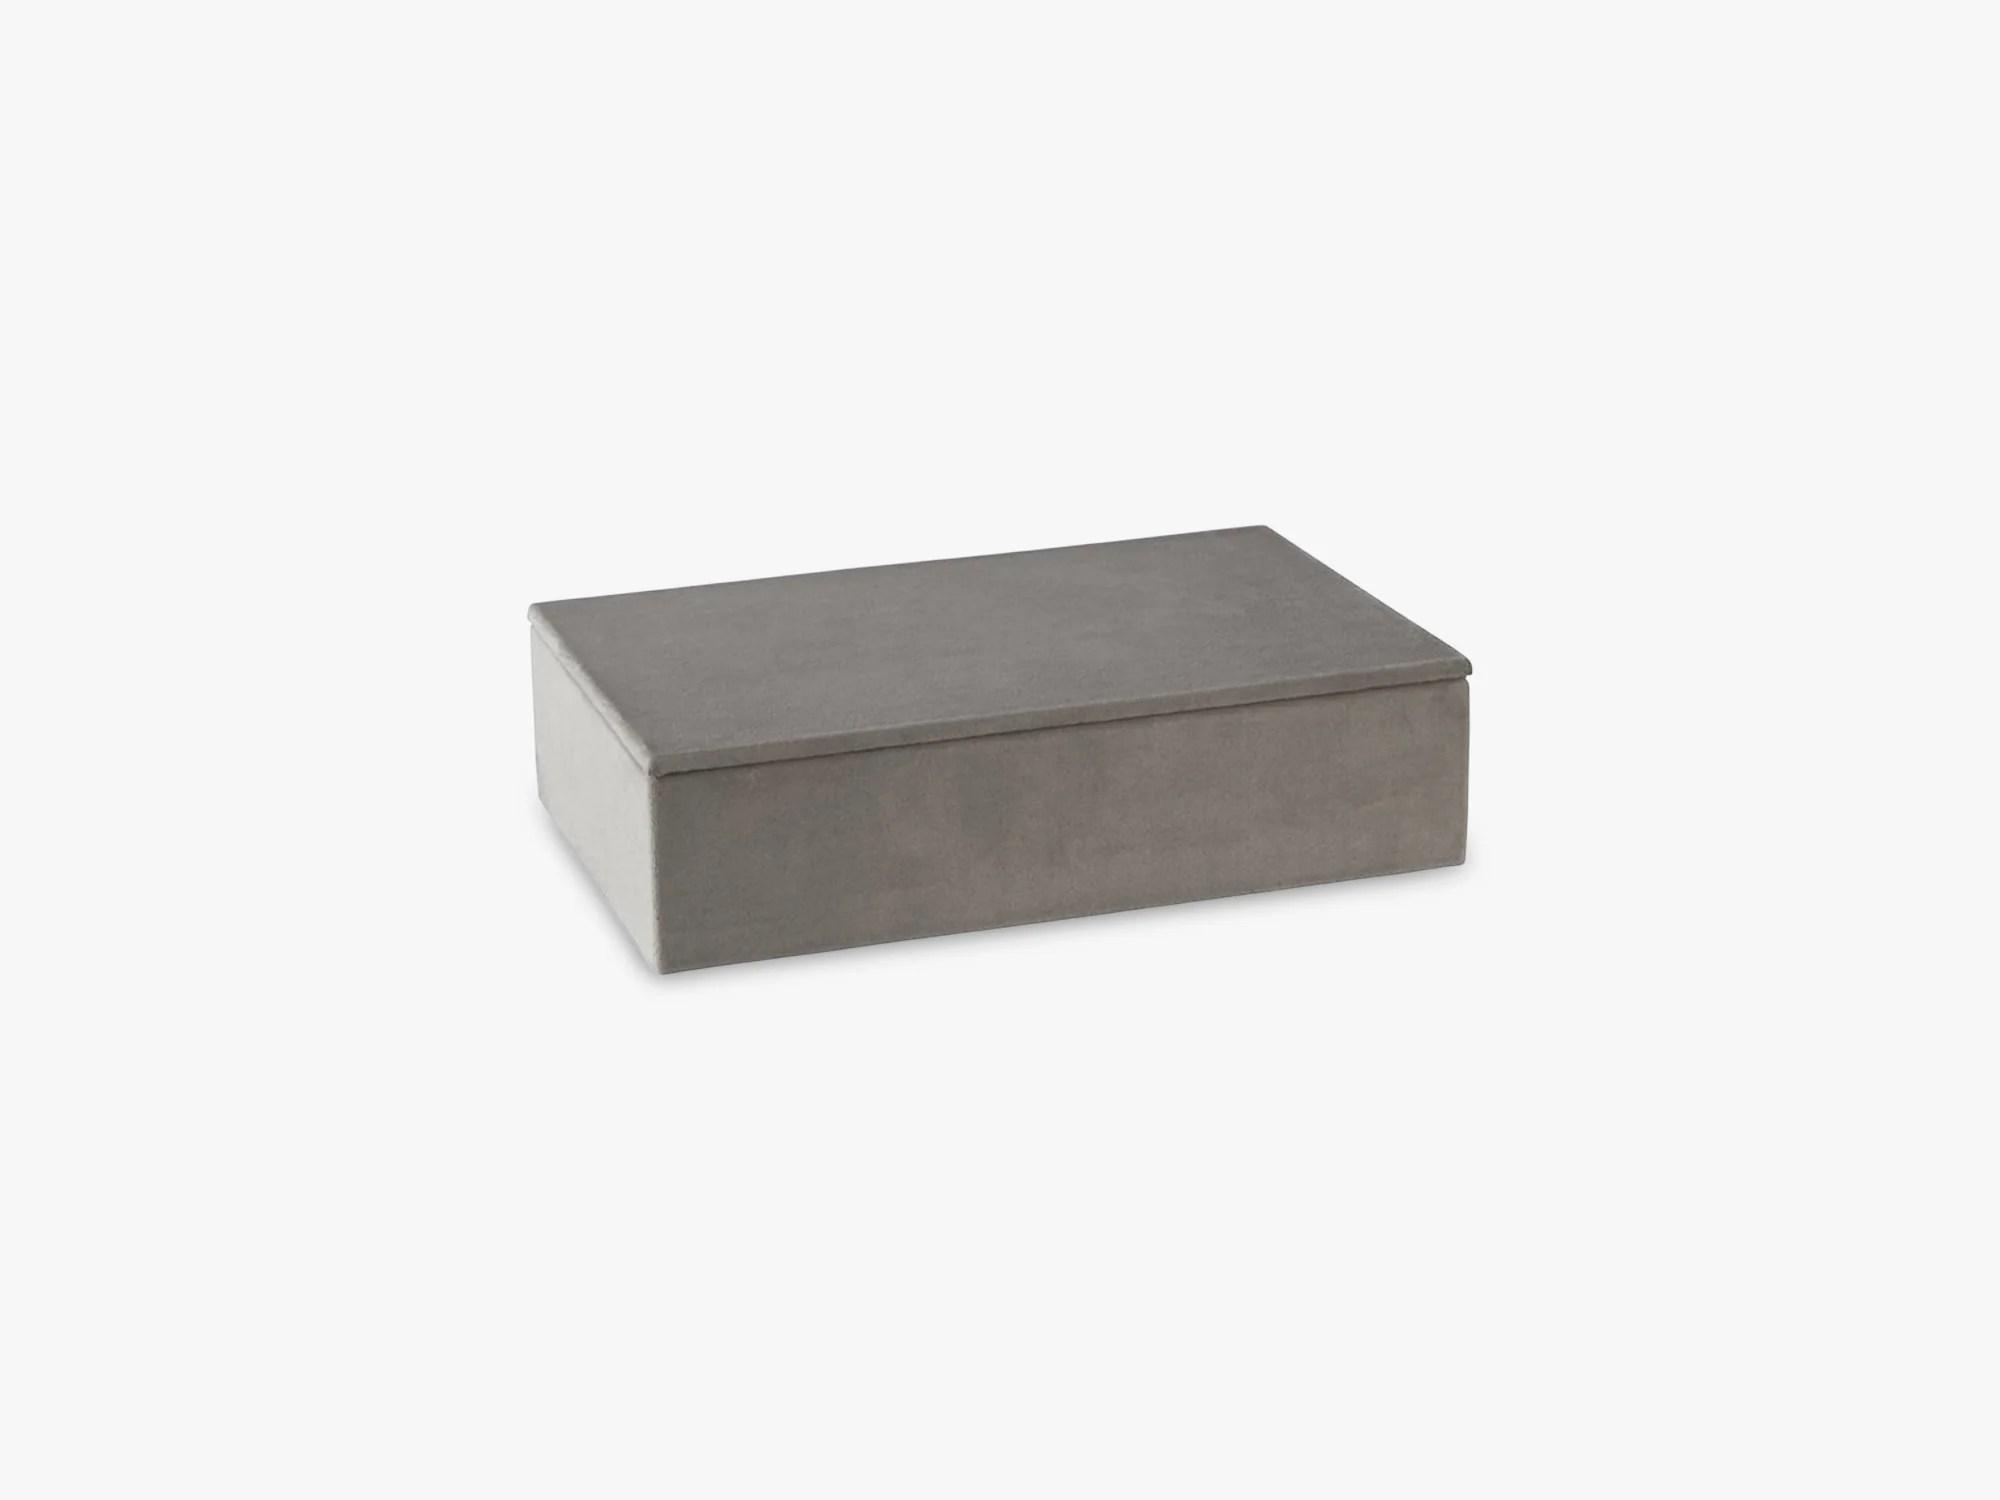 Soft Small Box Light Grey Opbevaring Fra Nter 549 Kr Gratis Fragt